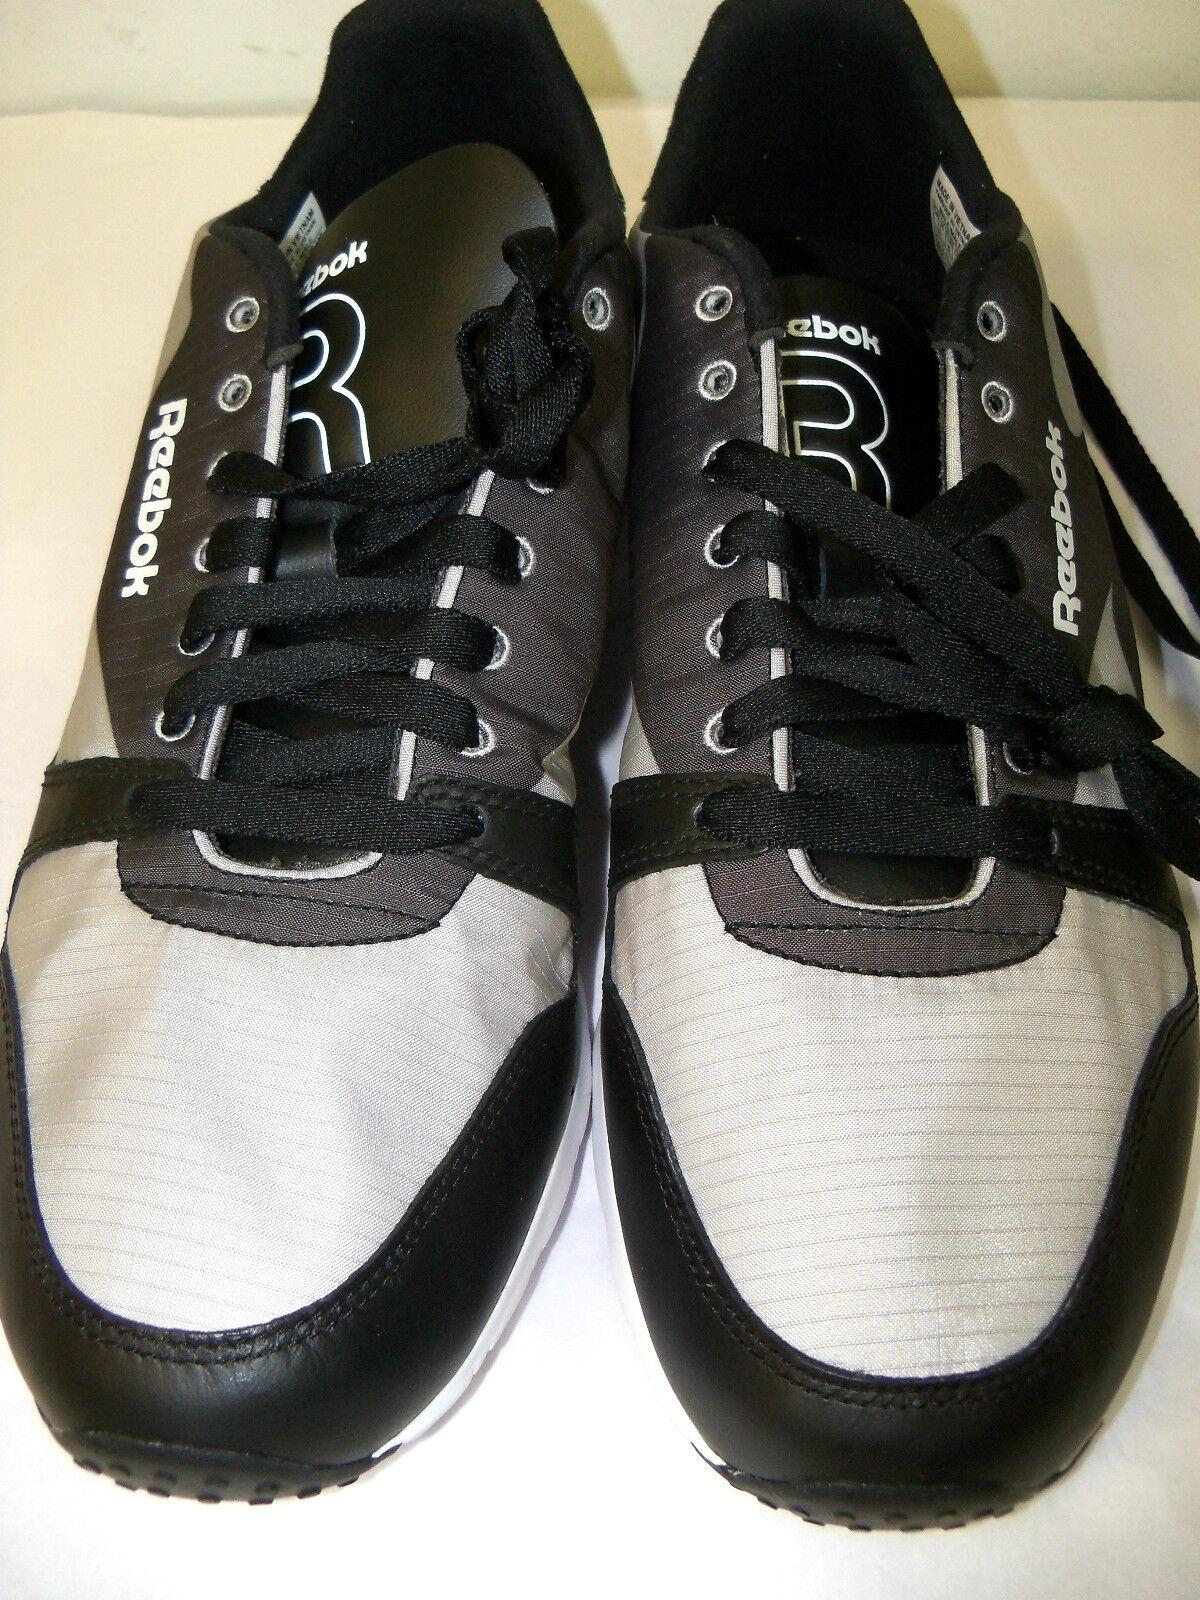 REEBOK UOMO TAGLIE 8.5 running sneakers nero & Grigio - leggera peso -nwob sho-7 Scarpe classiche da uomo